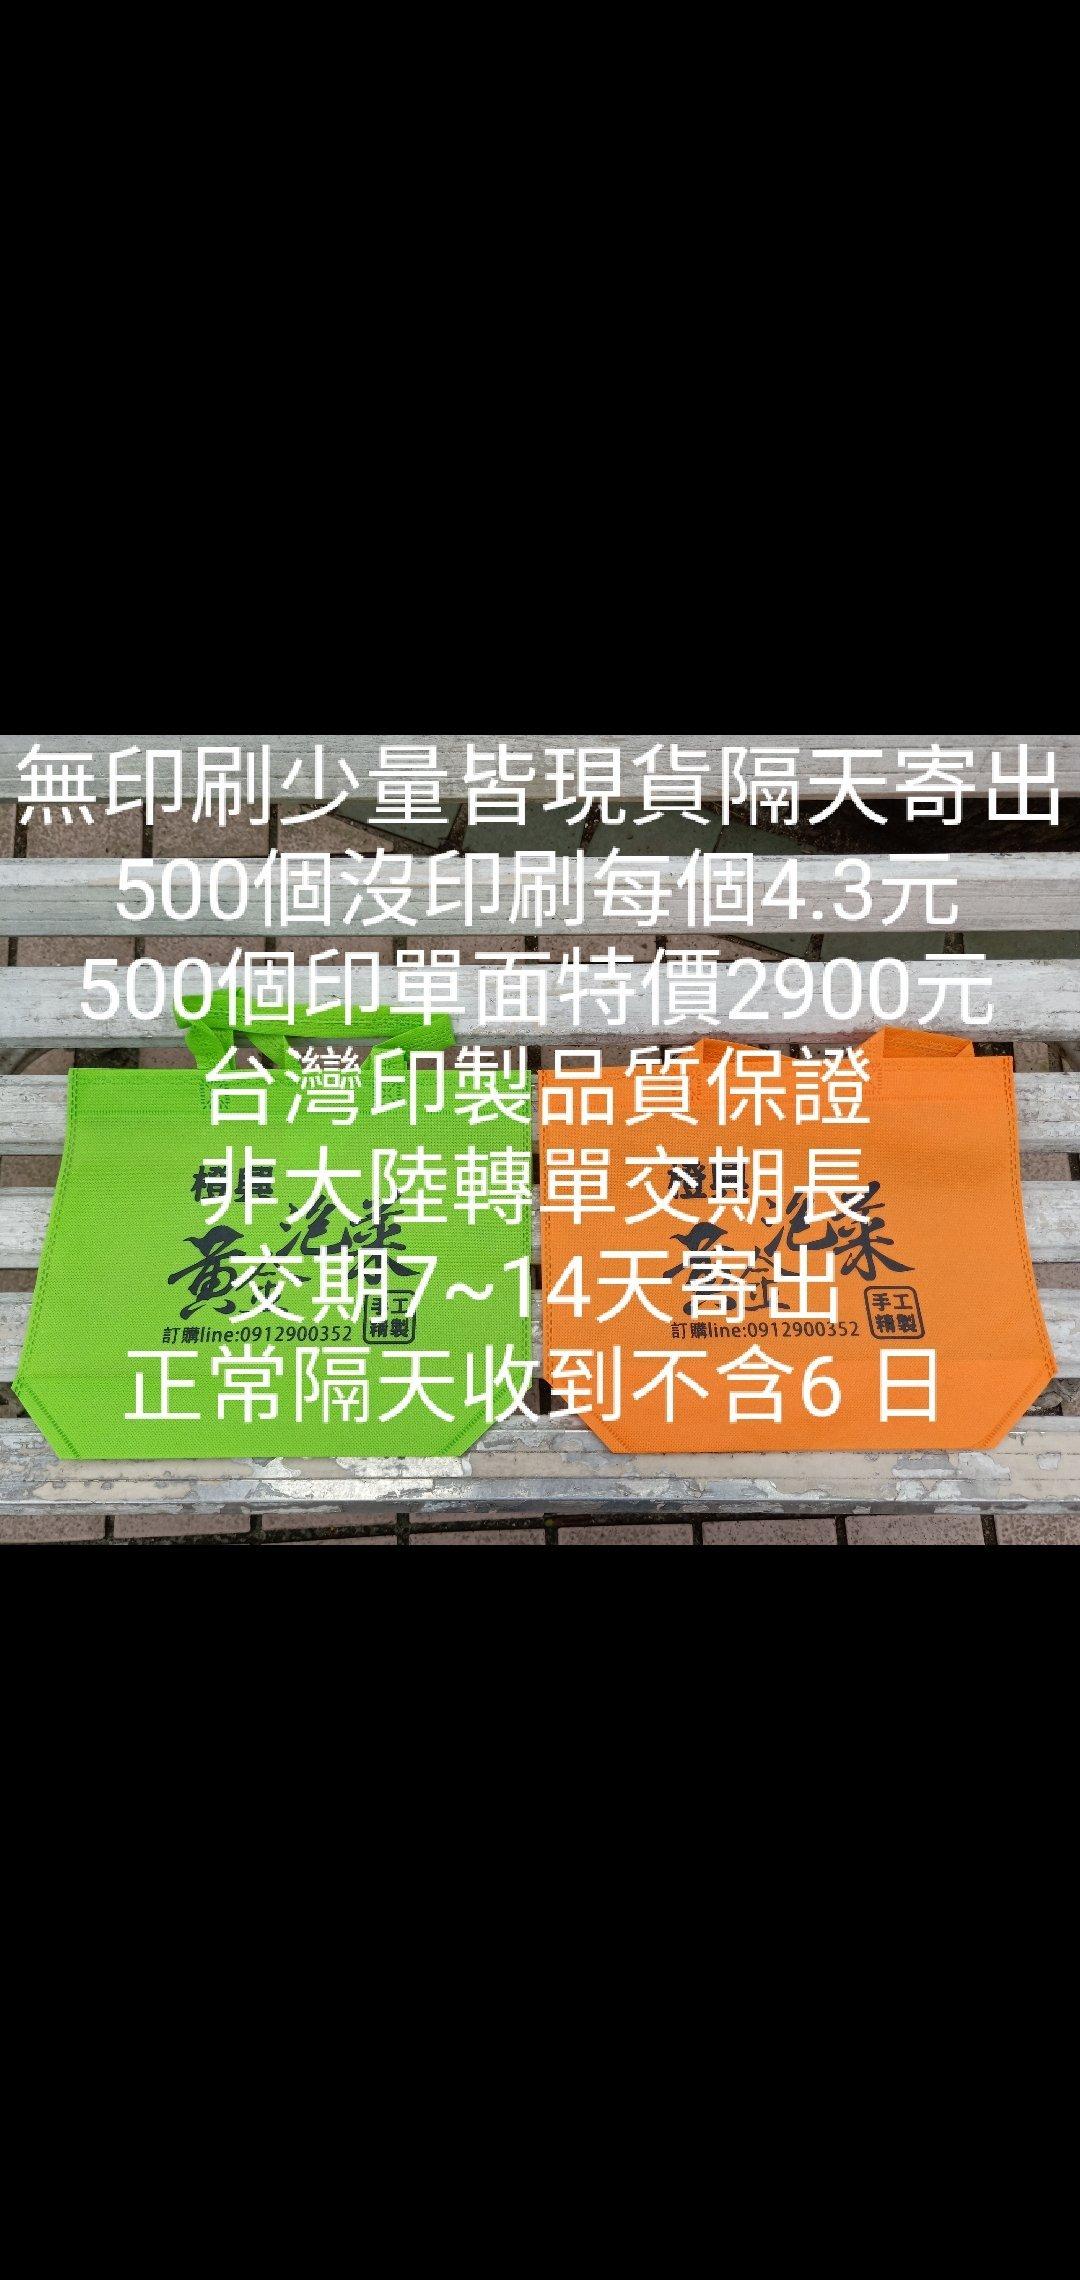 小號 不織布袋 草綠 每個4.8元 牛皮紙袋 環保袋 手提袋33*26+10cm底每包50個240元 無印刷驚爆價